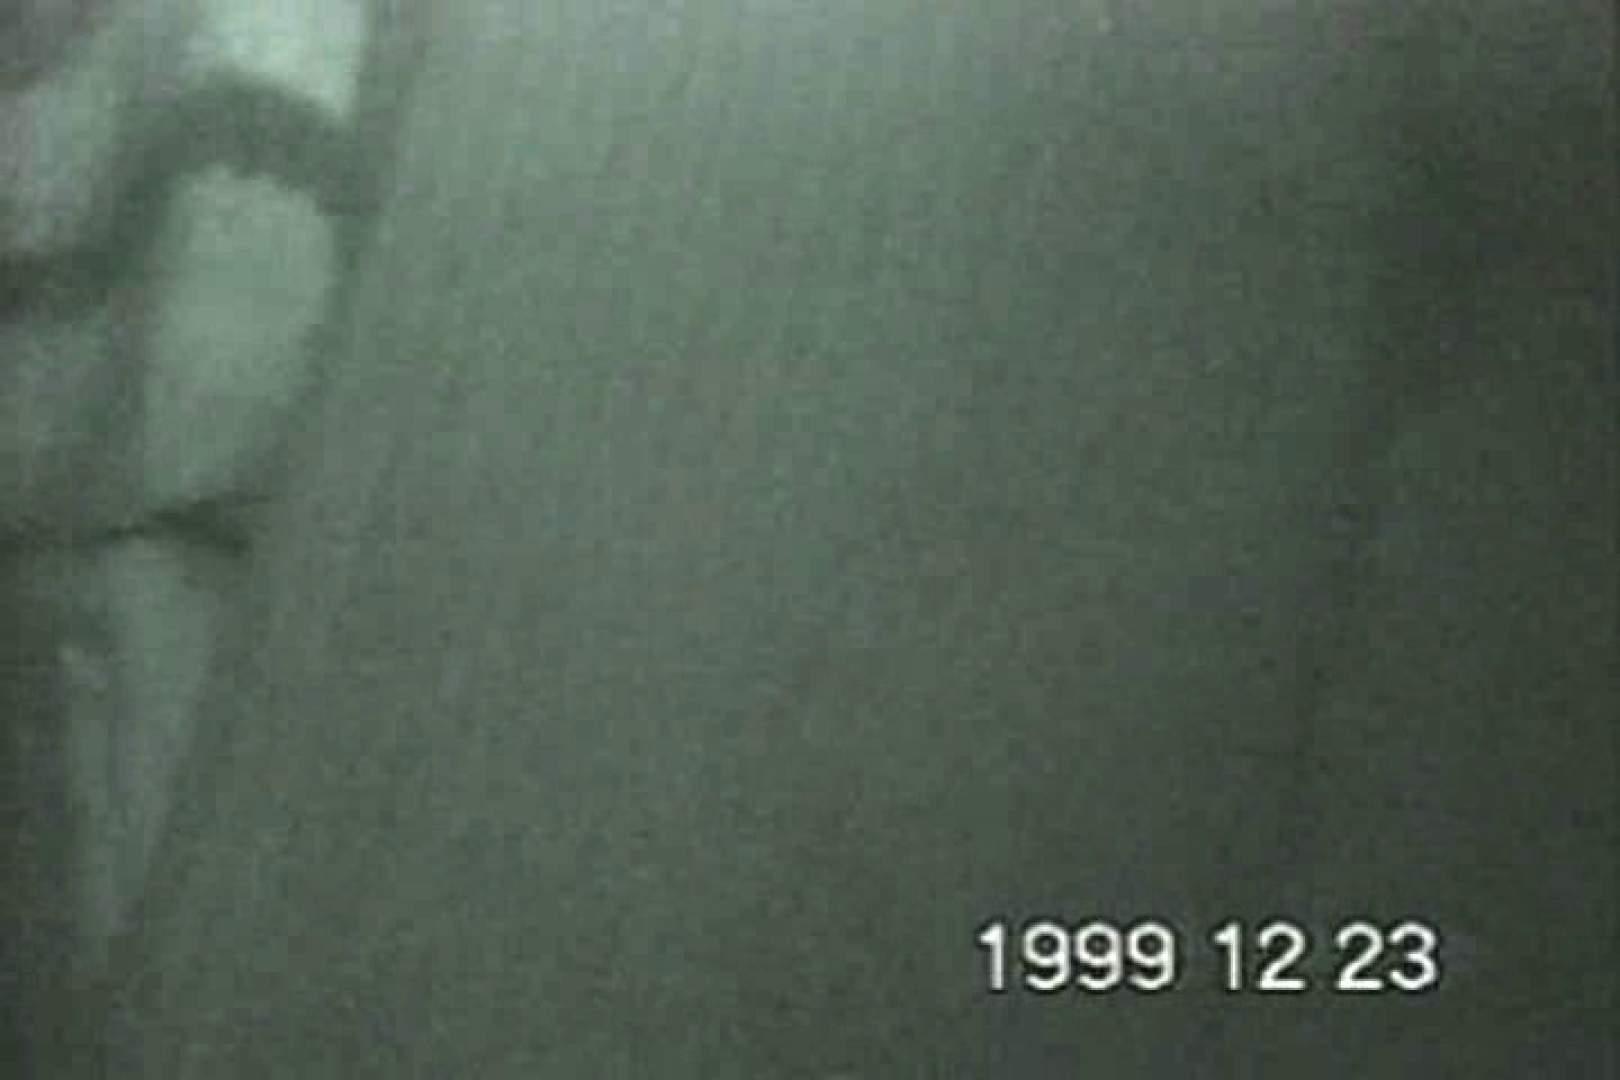 蔵出し!!赤外線カーセックスVol.10 赤外線 オマンコ動画キャプチャ 94pic 75